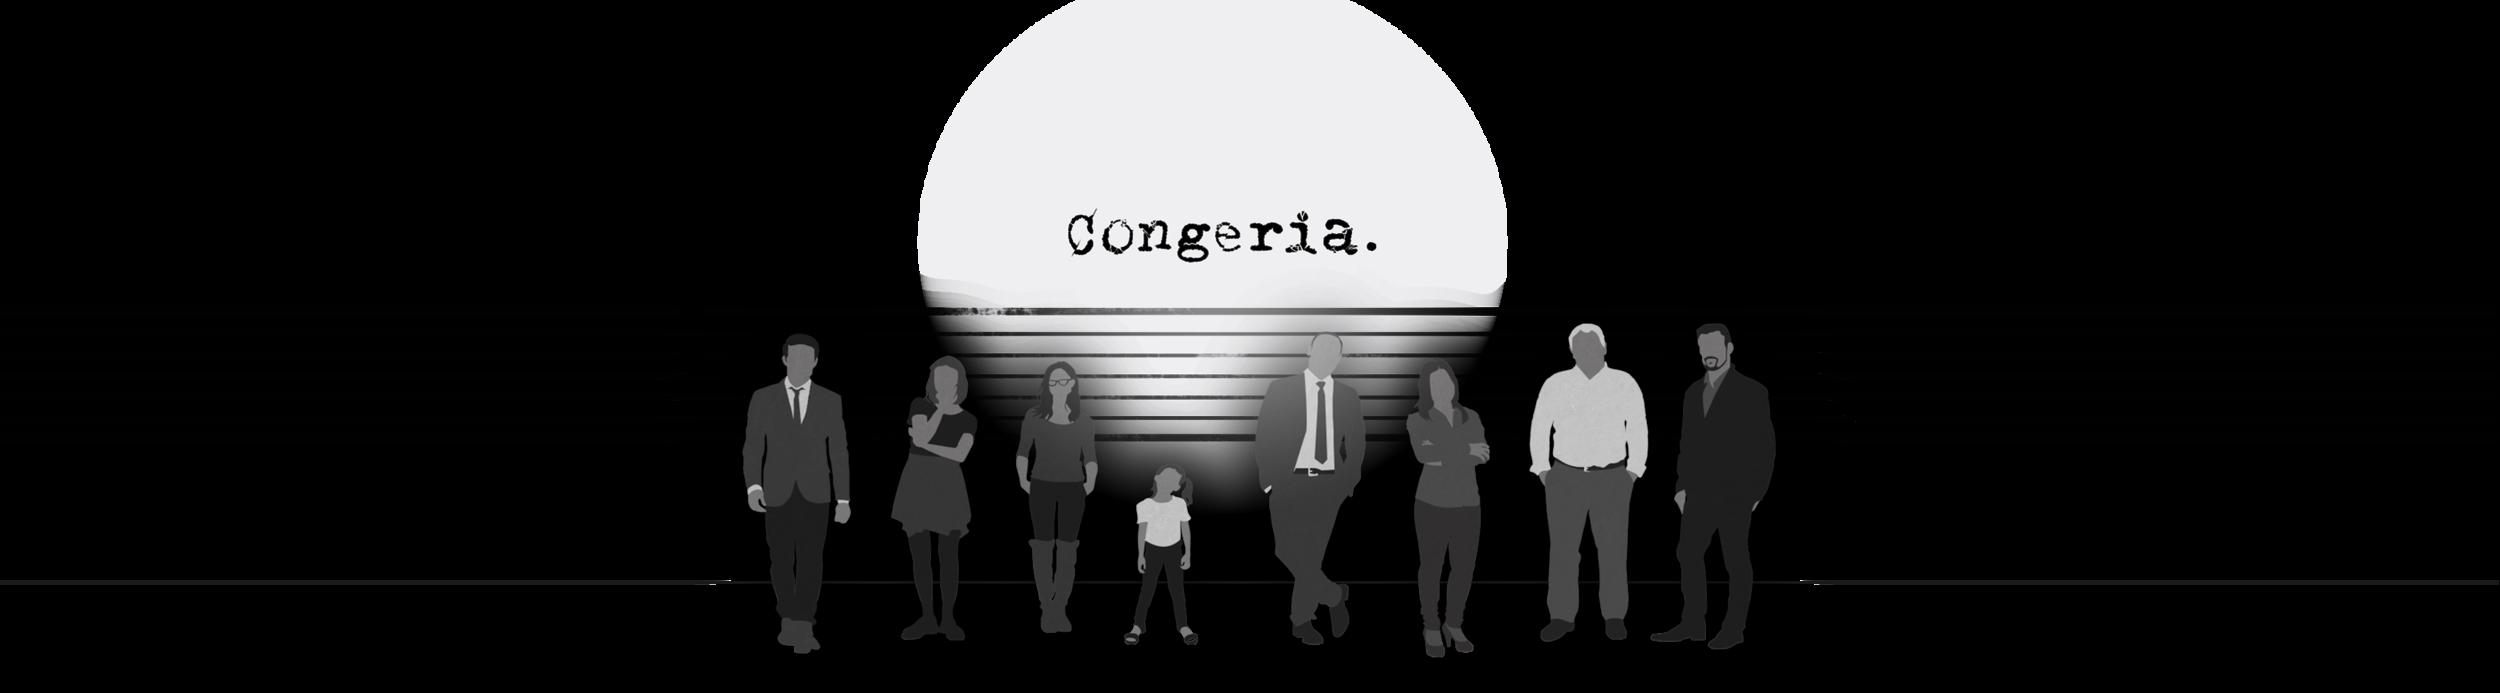 Congeria Long.png